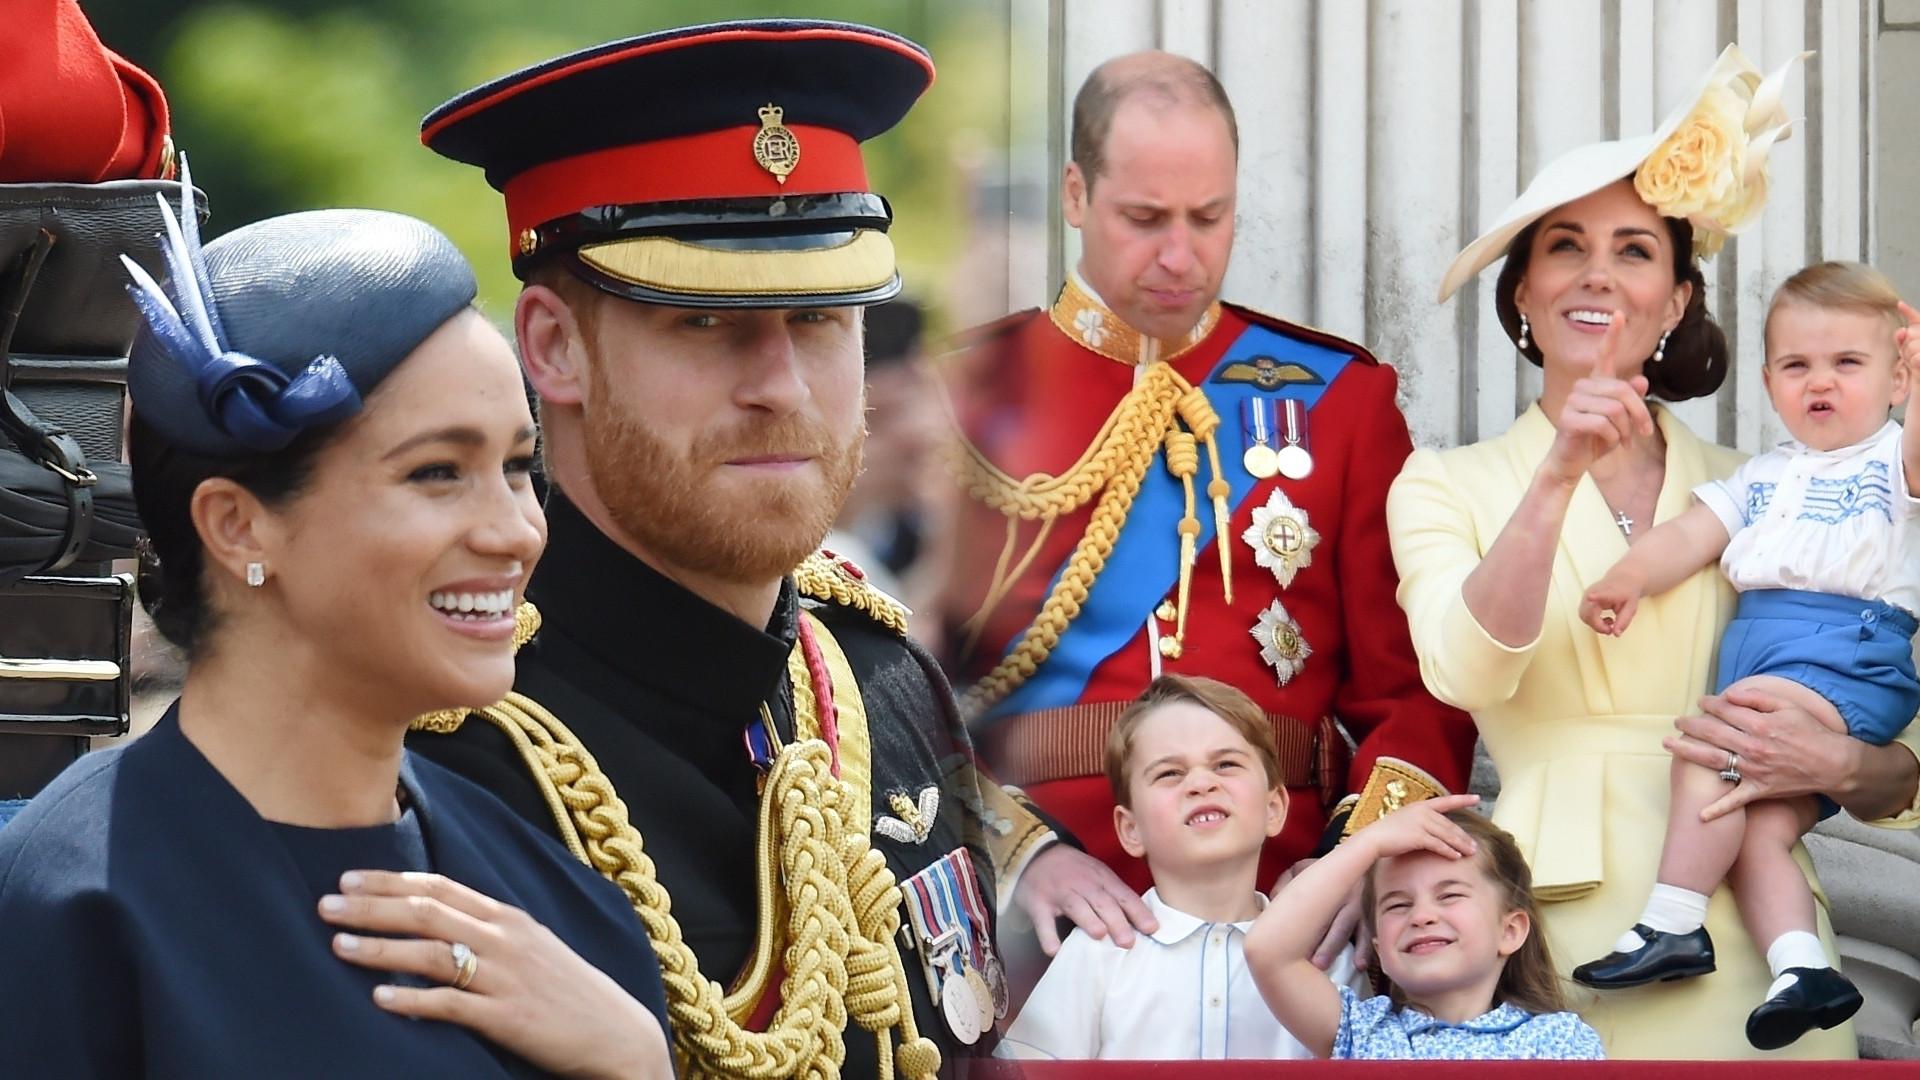 Księżna Kate i książę William chcieli w ten sposób PONIŻYĆ księżną Meghan i księcia Harry'ego? (ZDJĘCIA)